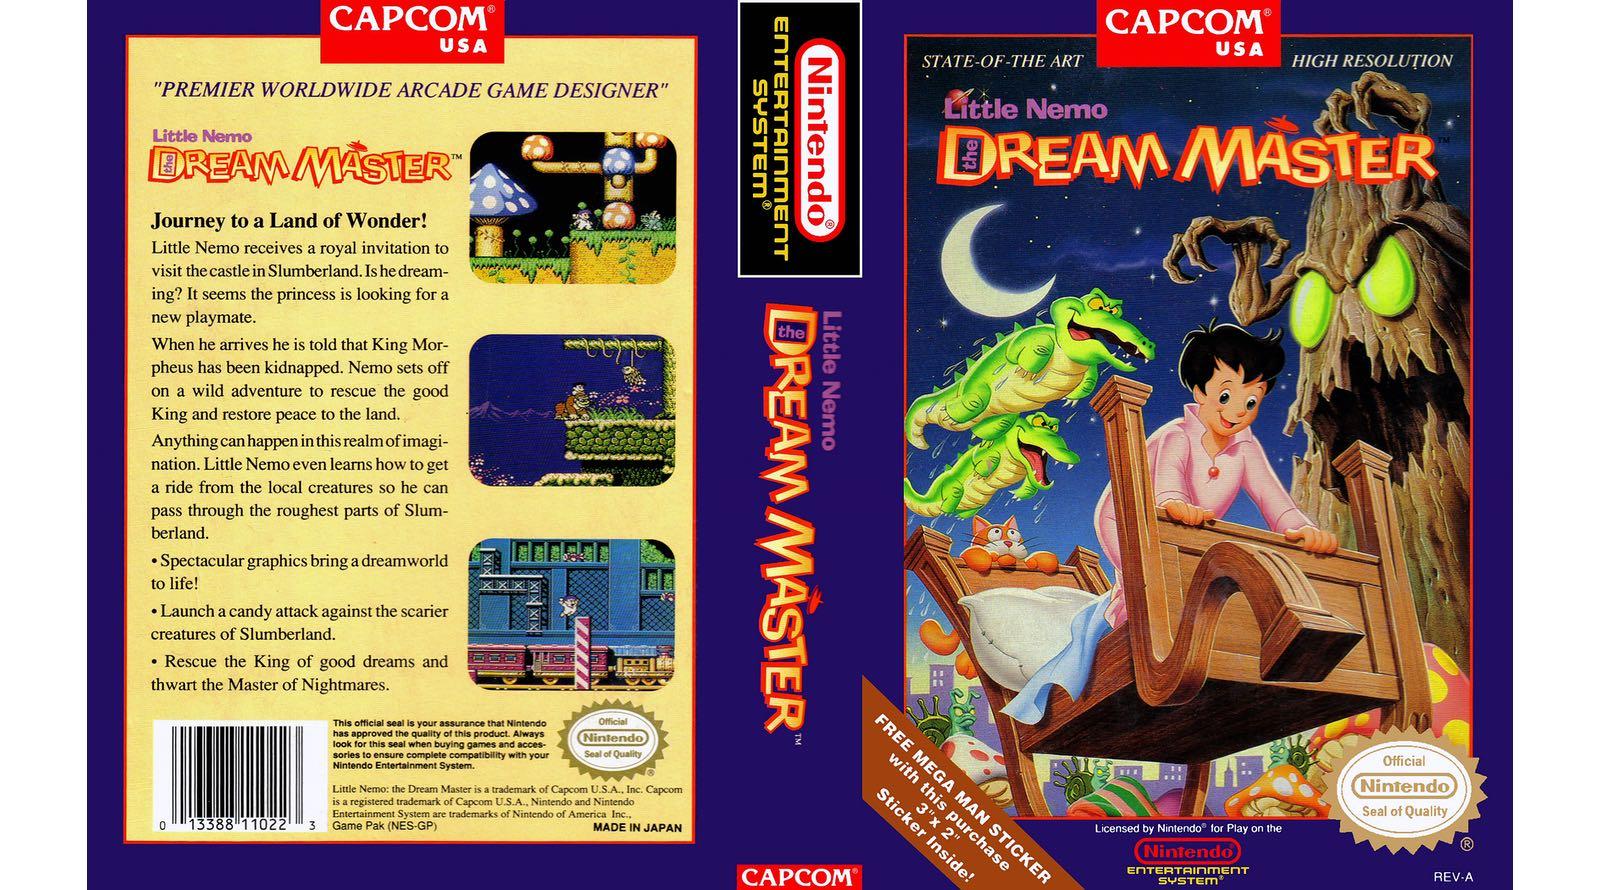 feat-little-nemo-dream-master